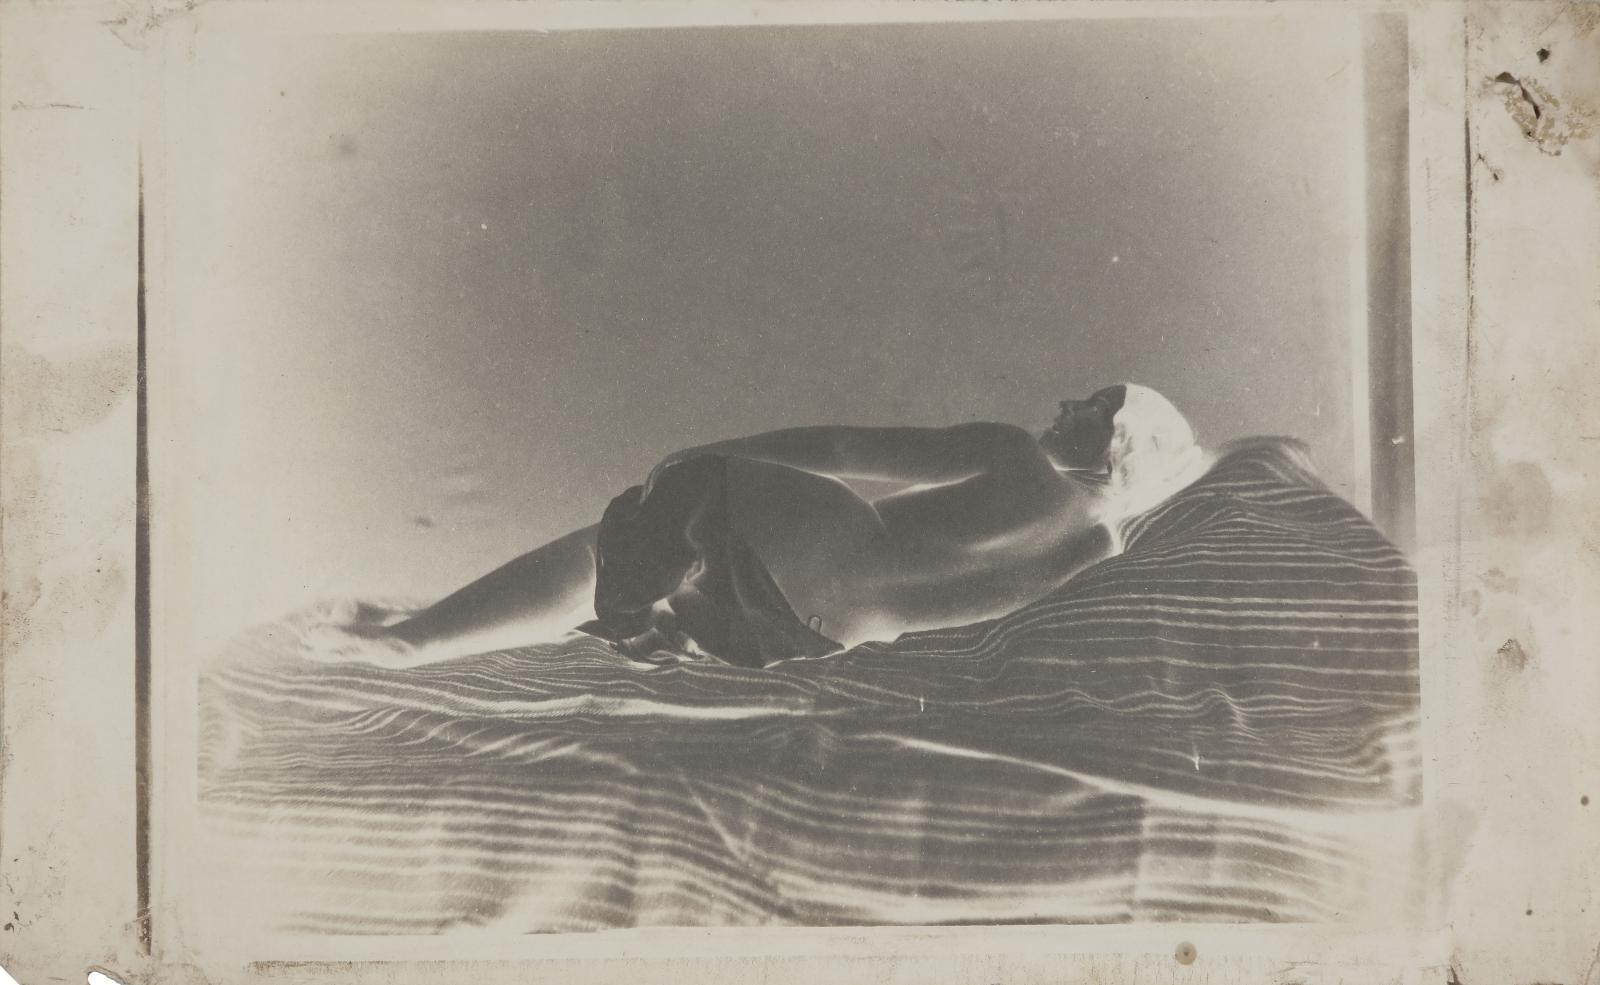 Julien Vallou deVilleneuve (1795-1866), Nu allongé, vers 1852, face et dos (reproduit), deux négatifs sur papier (calotype), retouches à la mine de p